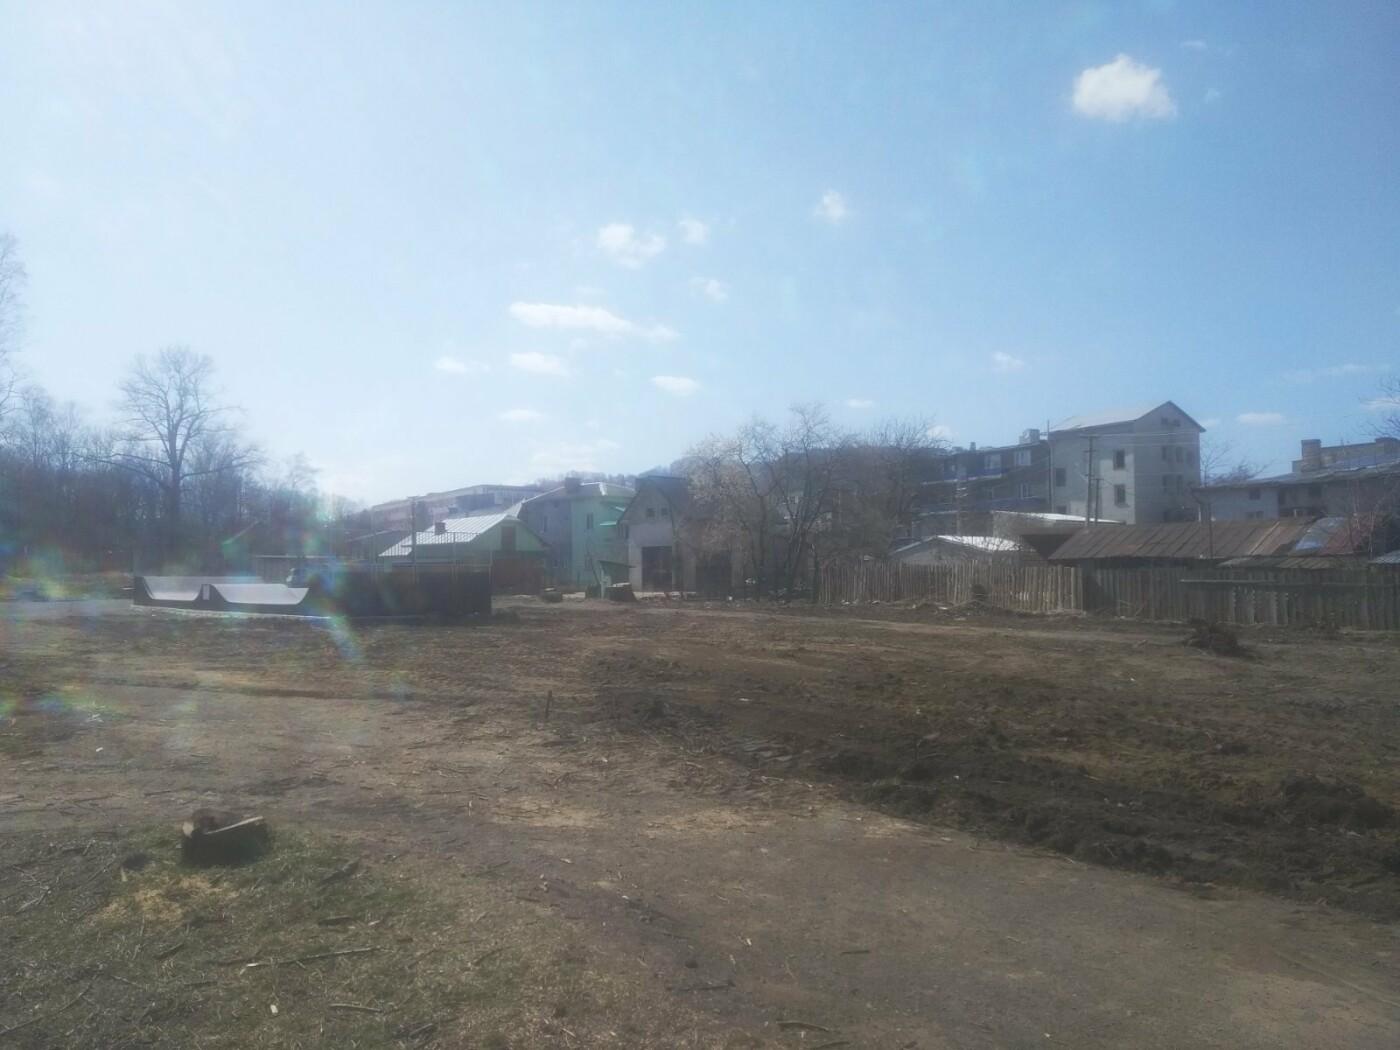 Майданчик для воркауту у Бориславі: тривають підготовчі роботи , фото-4, Фото - 03247.com.ua